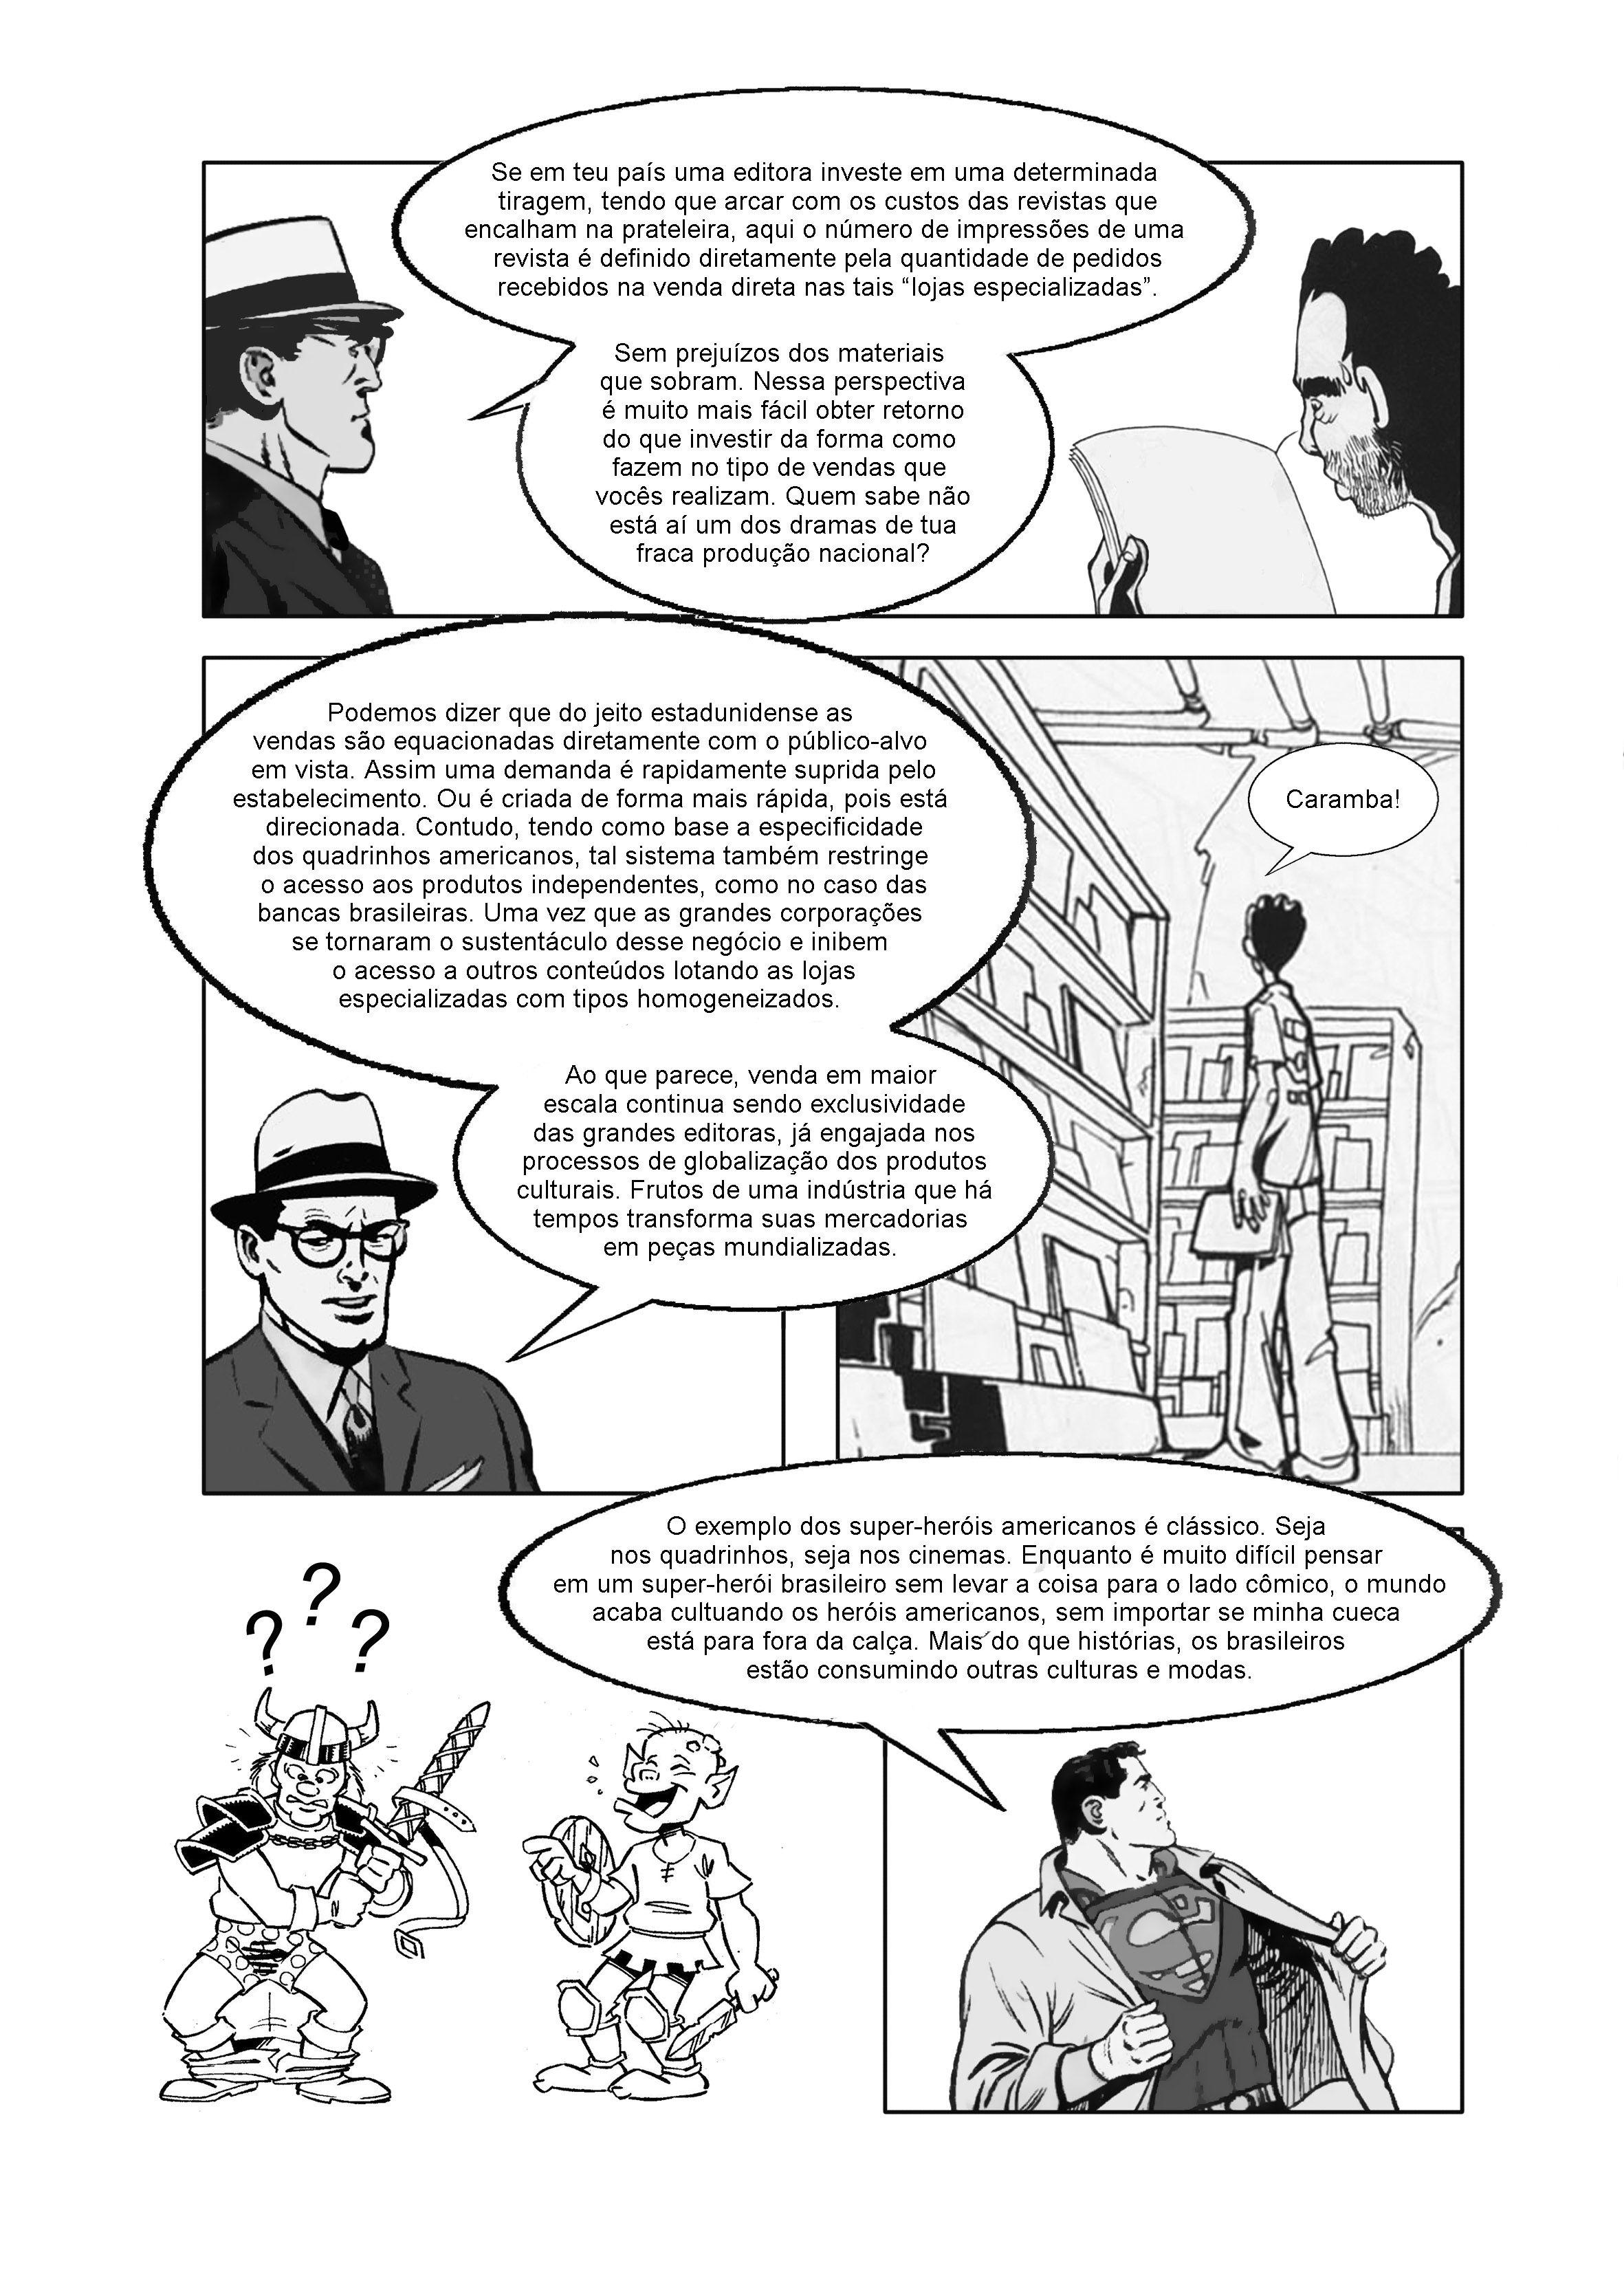 (TCC) Quadrinhos Nacionais: Uma Perspectiva Estrangeira (UNIVAP), arte/texto de Carlos Campos Pg36